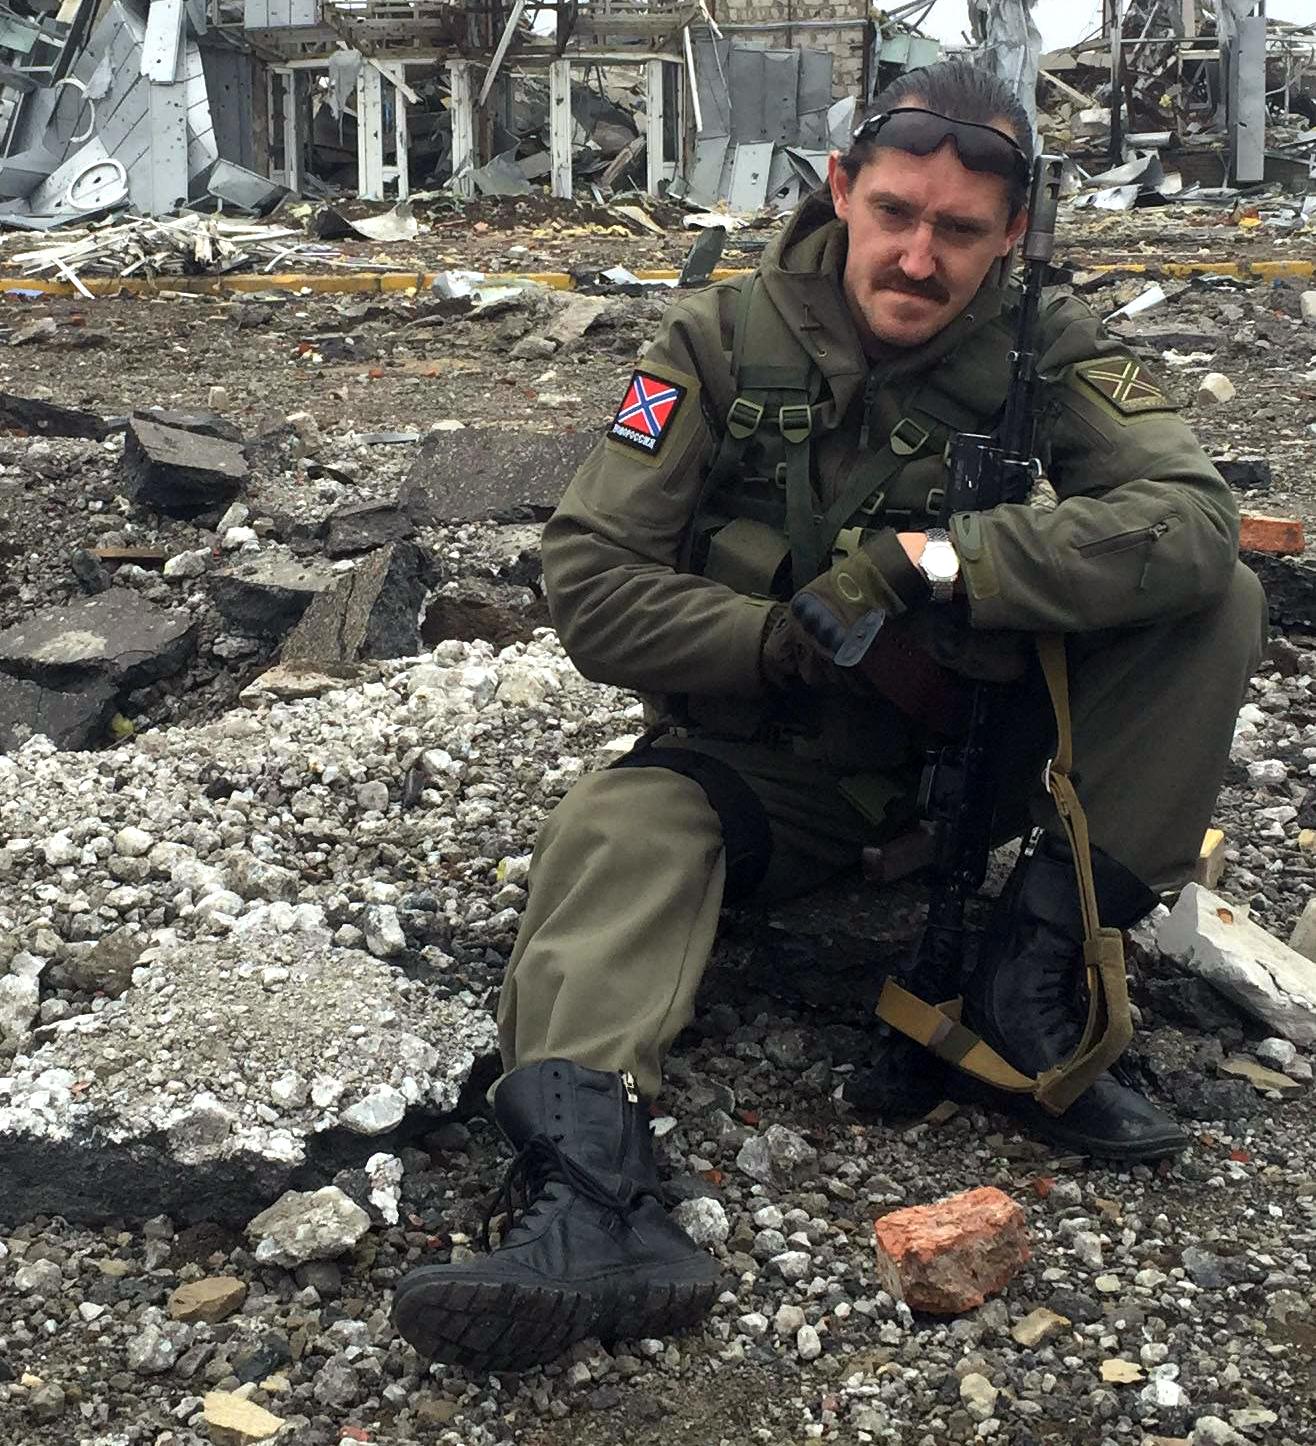 Начальник «Управления гуманитарных операций» Андрей Тихомиров представляется бывшим военным